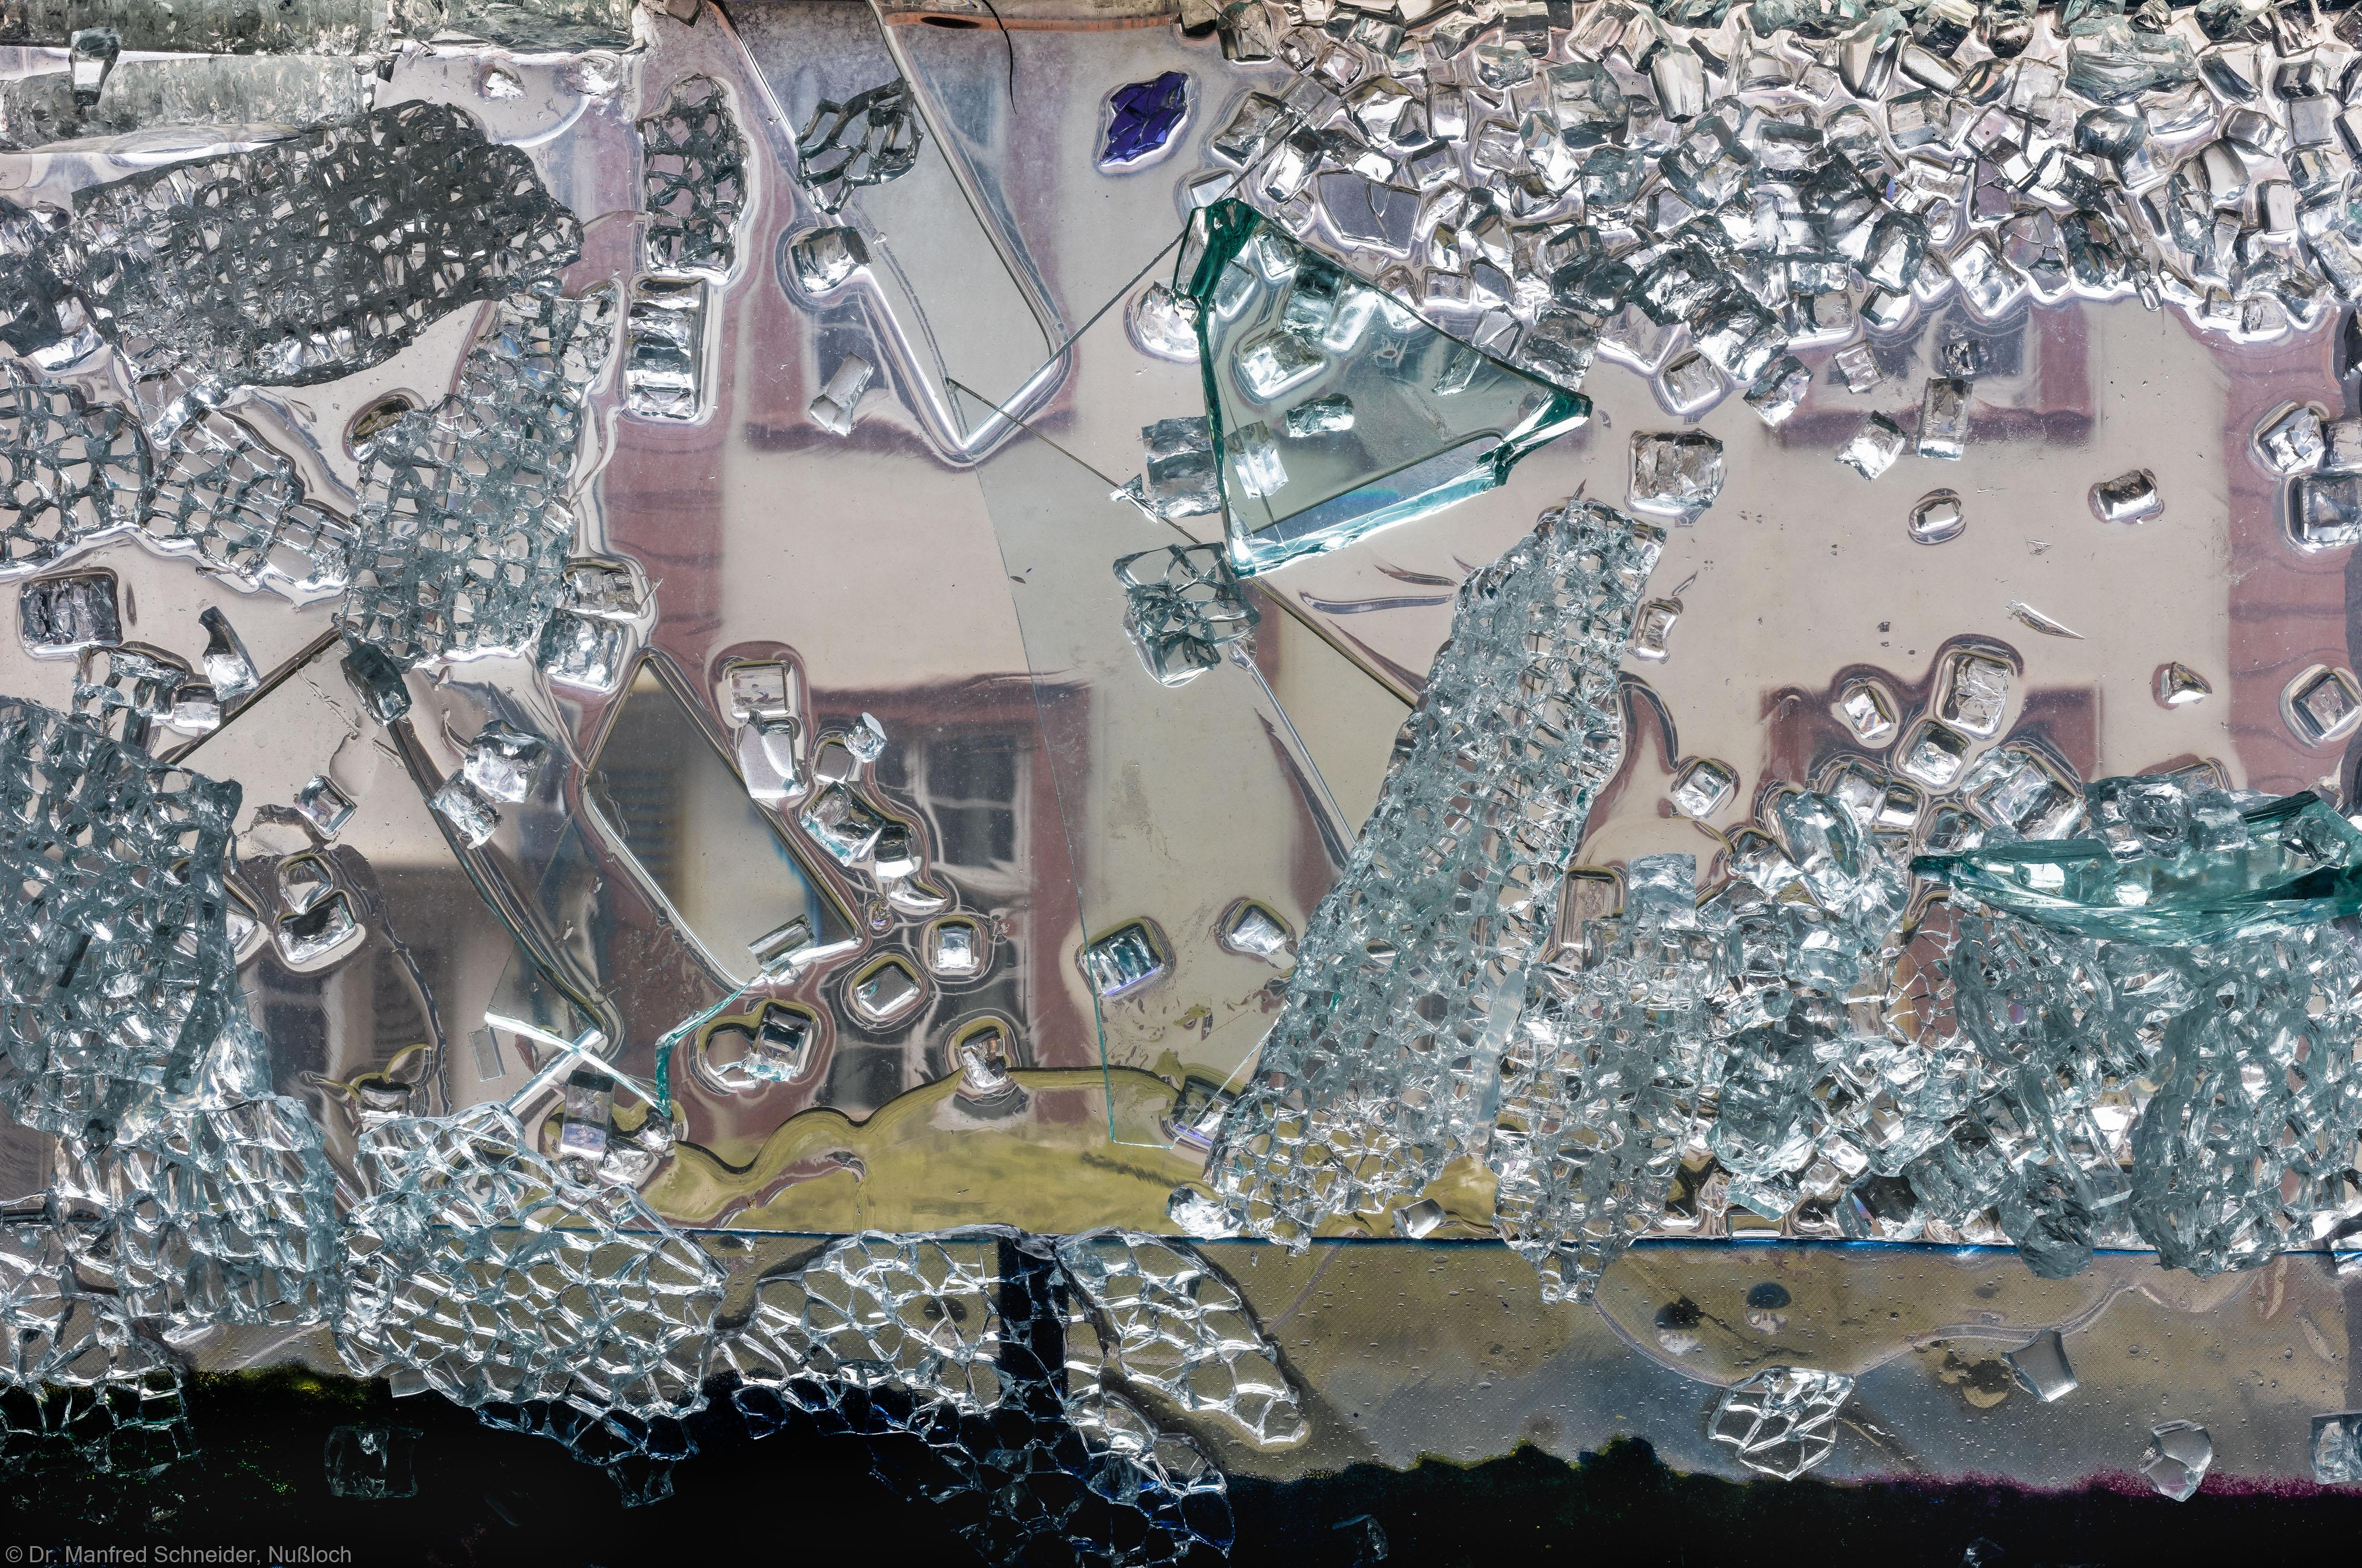 """Heidelberg - Heiliggeistkirche - Nordschiff - 3. Joch, von Westen aus gezählt - Ausschnitt aus Feld (mittlere Bahn, unterste Zeile) des Fensters """"Schöpfungsgeschichte - Gott sprach: es werde Licht"""" von Hella De Santarossa (aufgenommen im Oktober 2015, um die Mittagszeit)"""